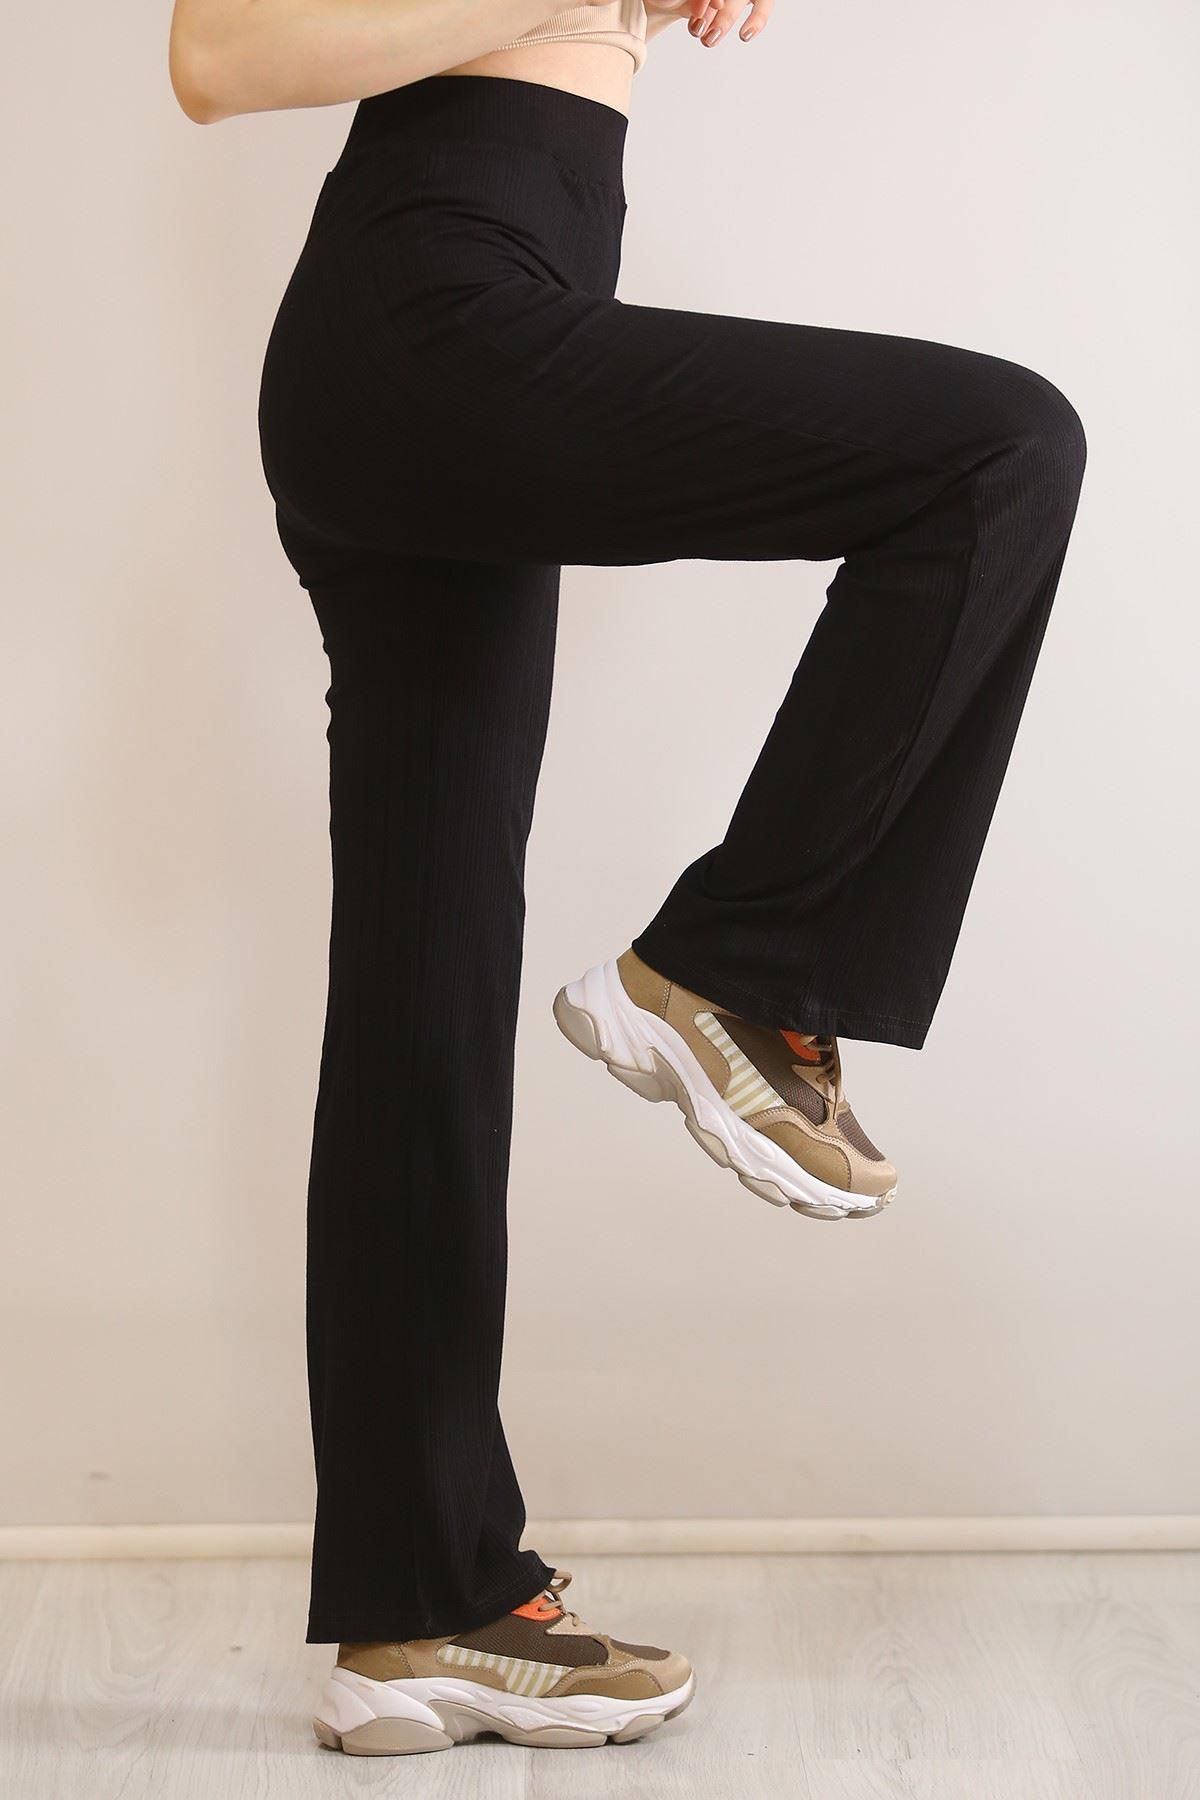 Kaşkorse Pantolon Siyah - 5805.1247.